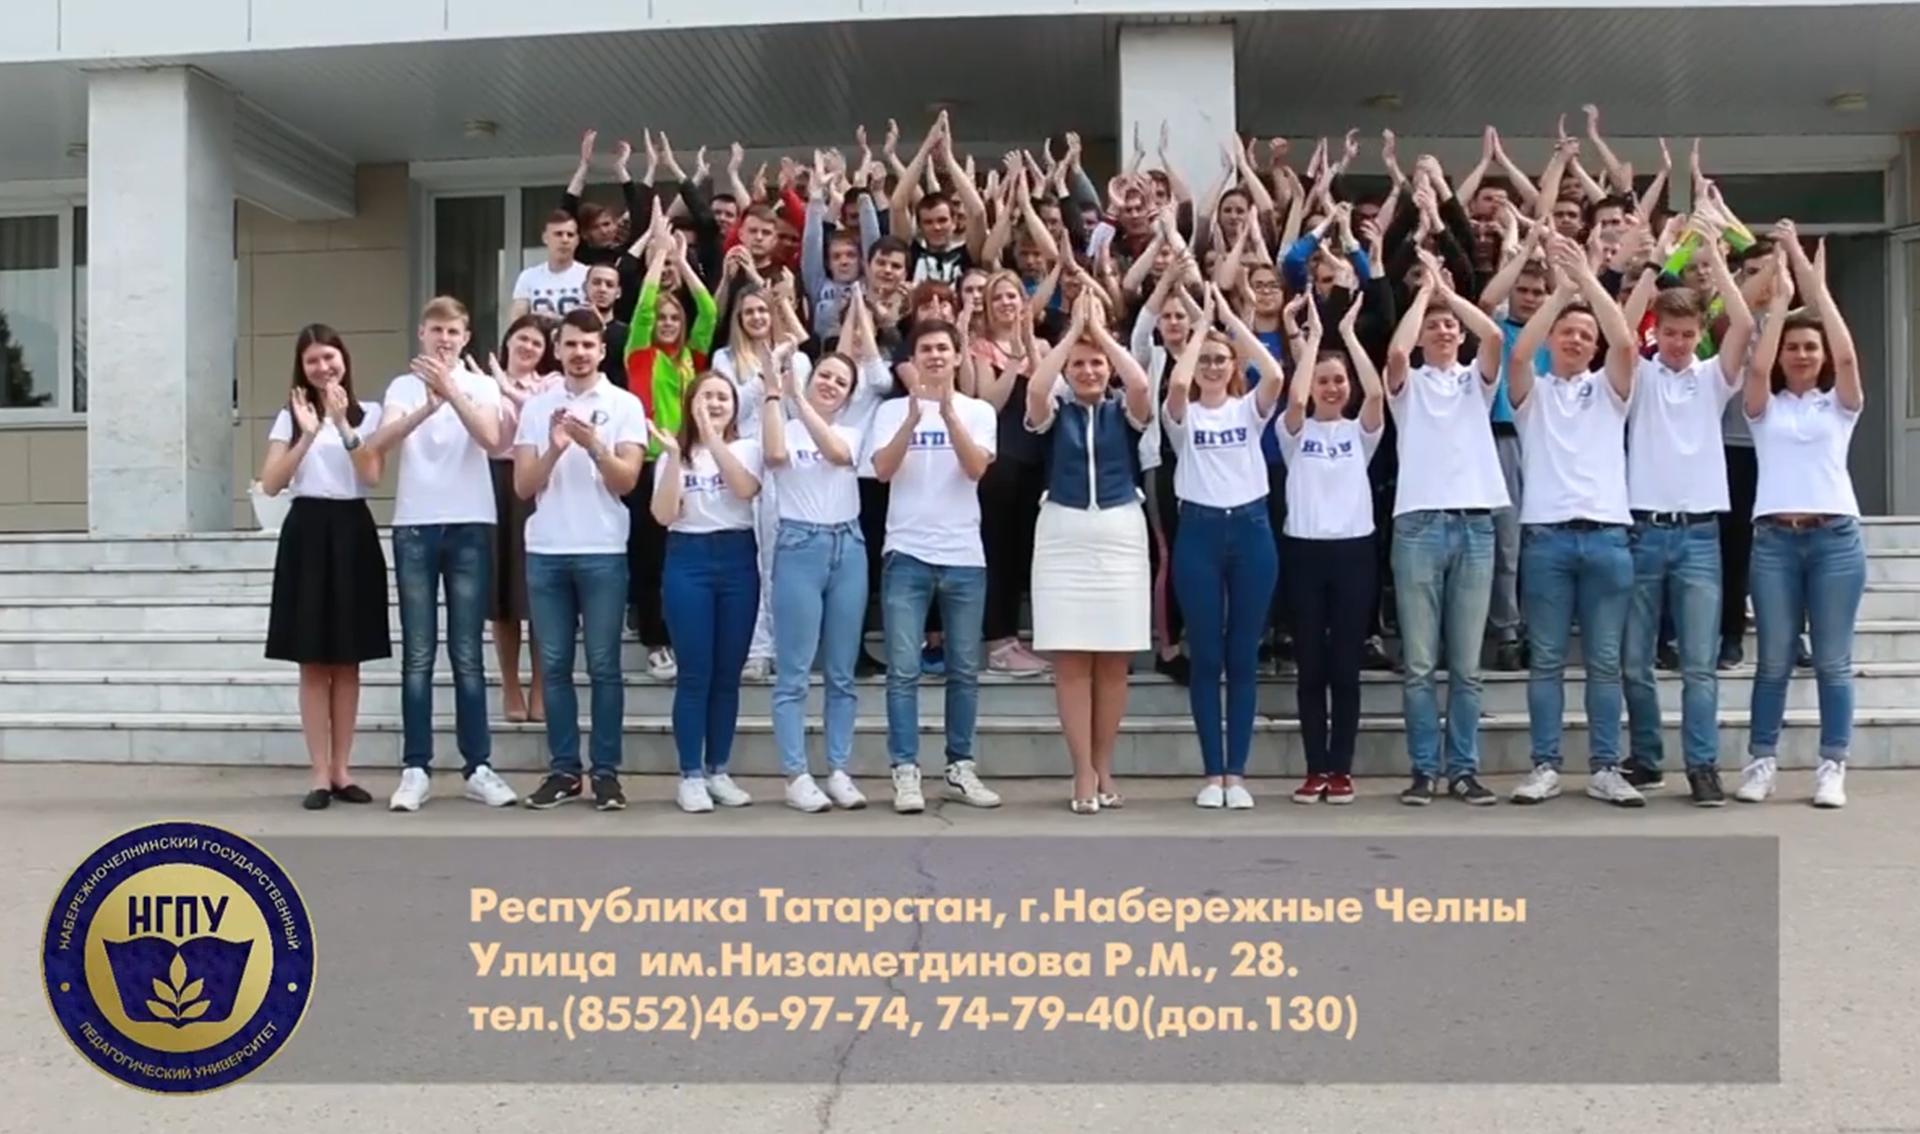 День открытых дверей пройдет в Набережночелнинском государственном педагогическом университете